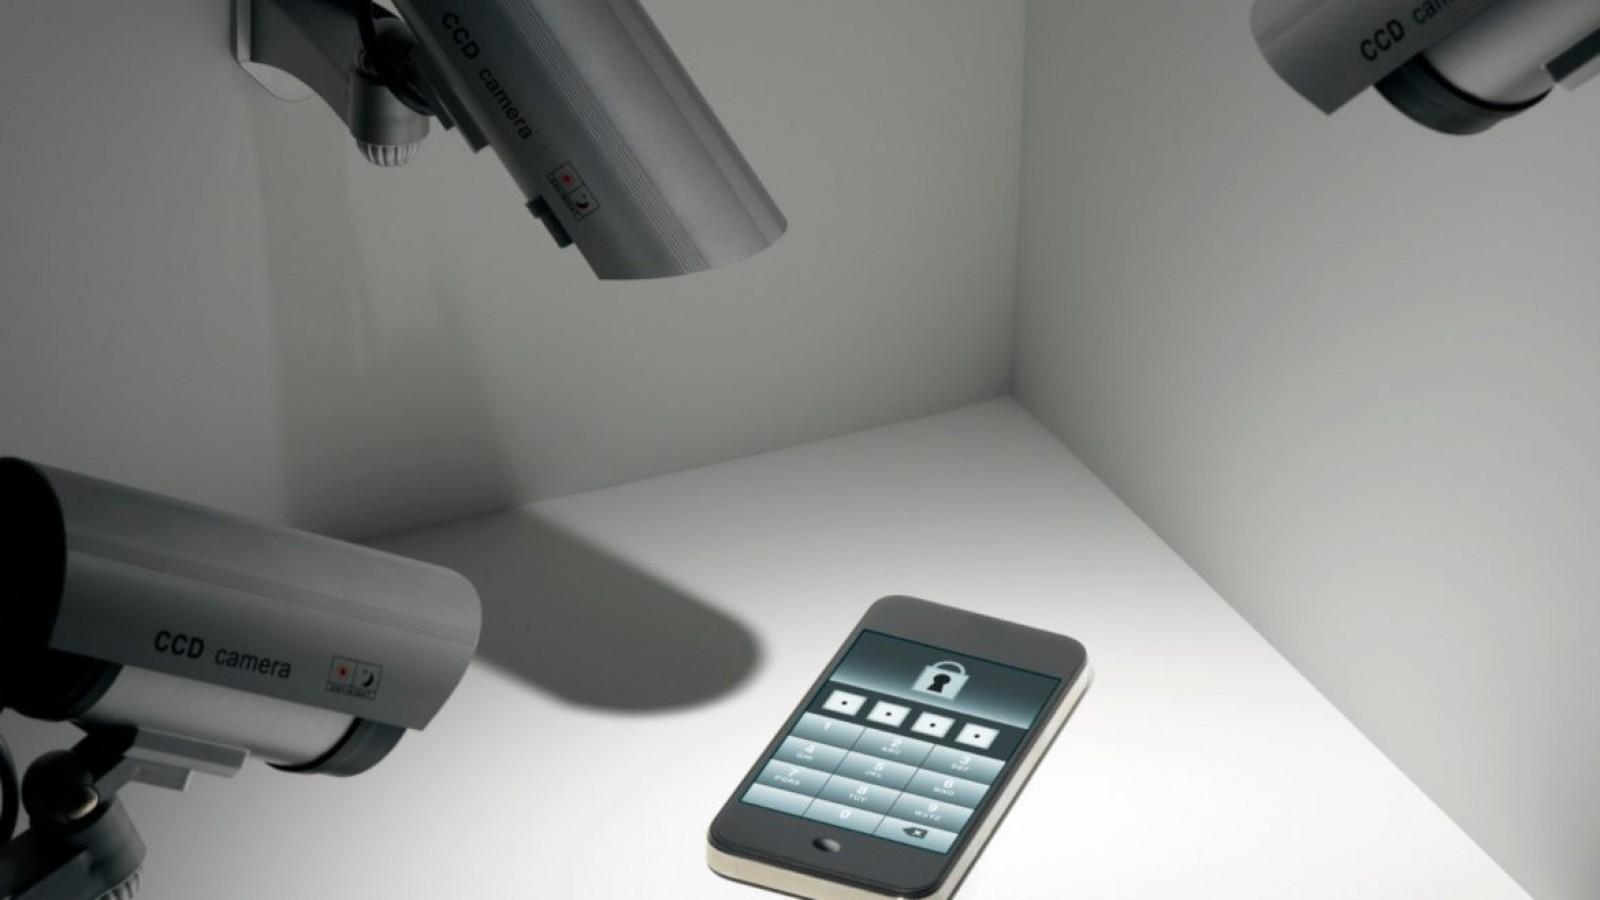 Cum afli dacă ești spionat: Această aplicație te scapă de griji